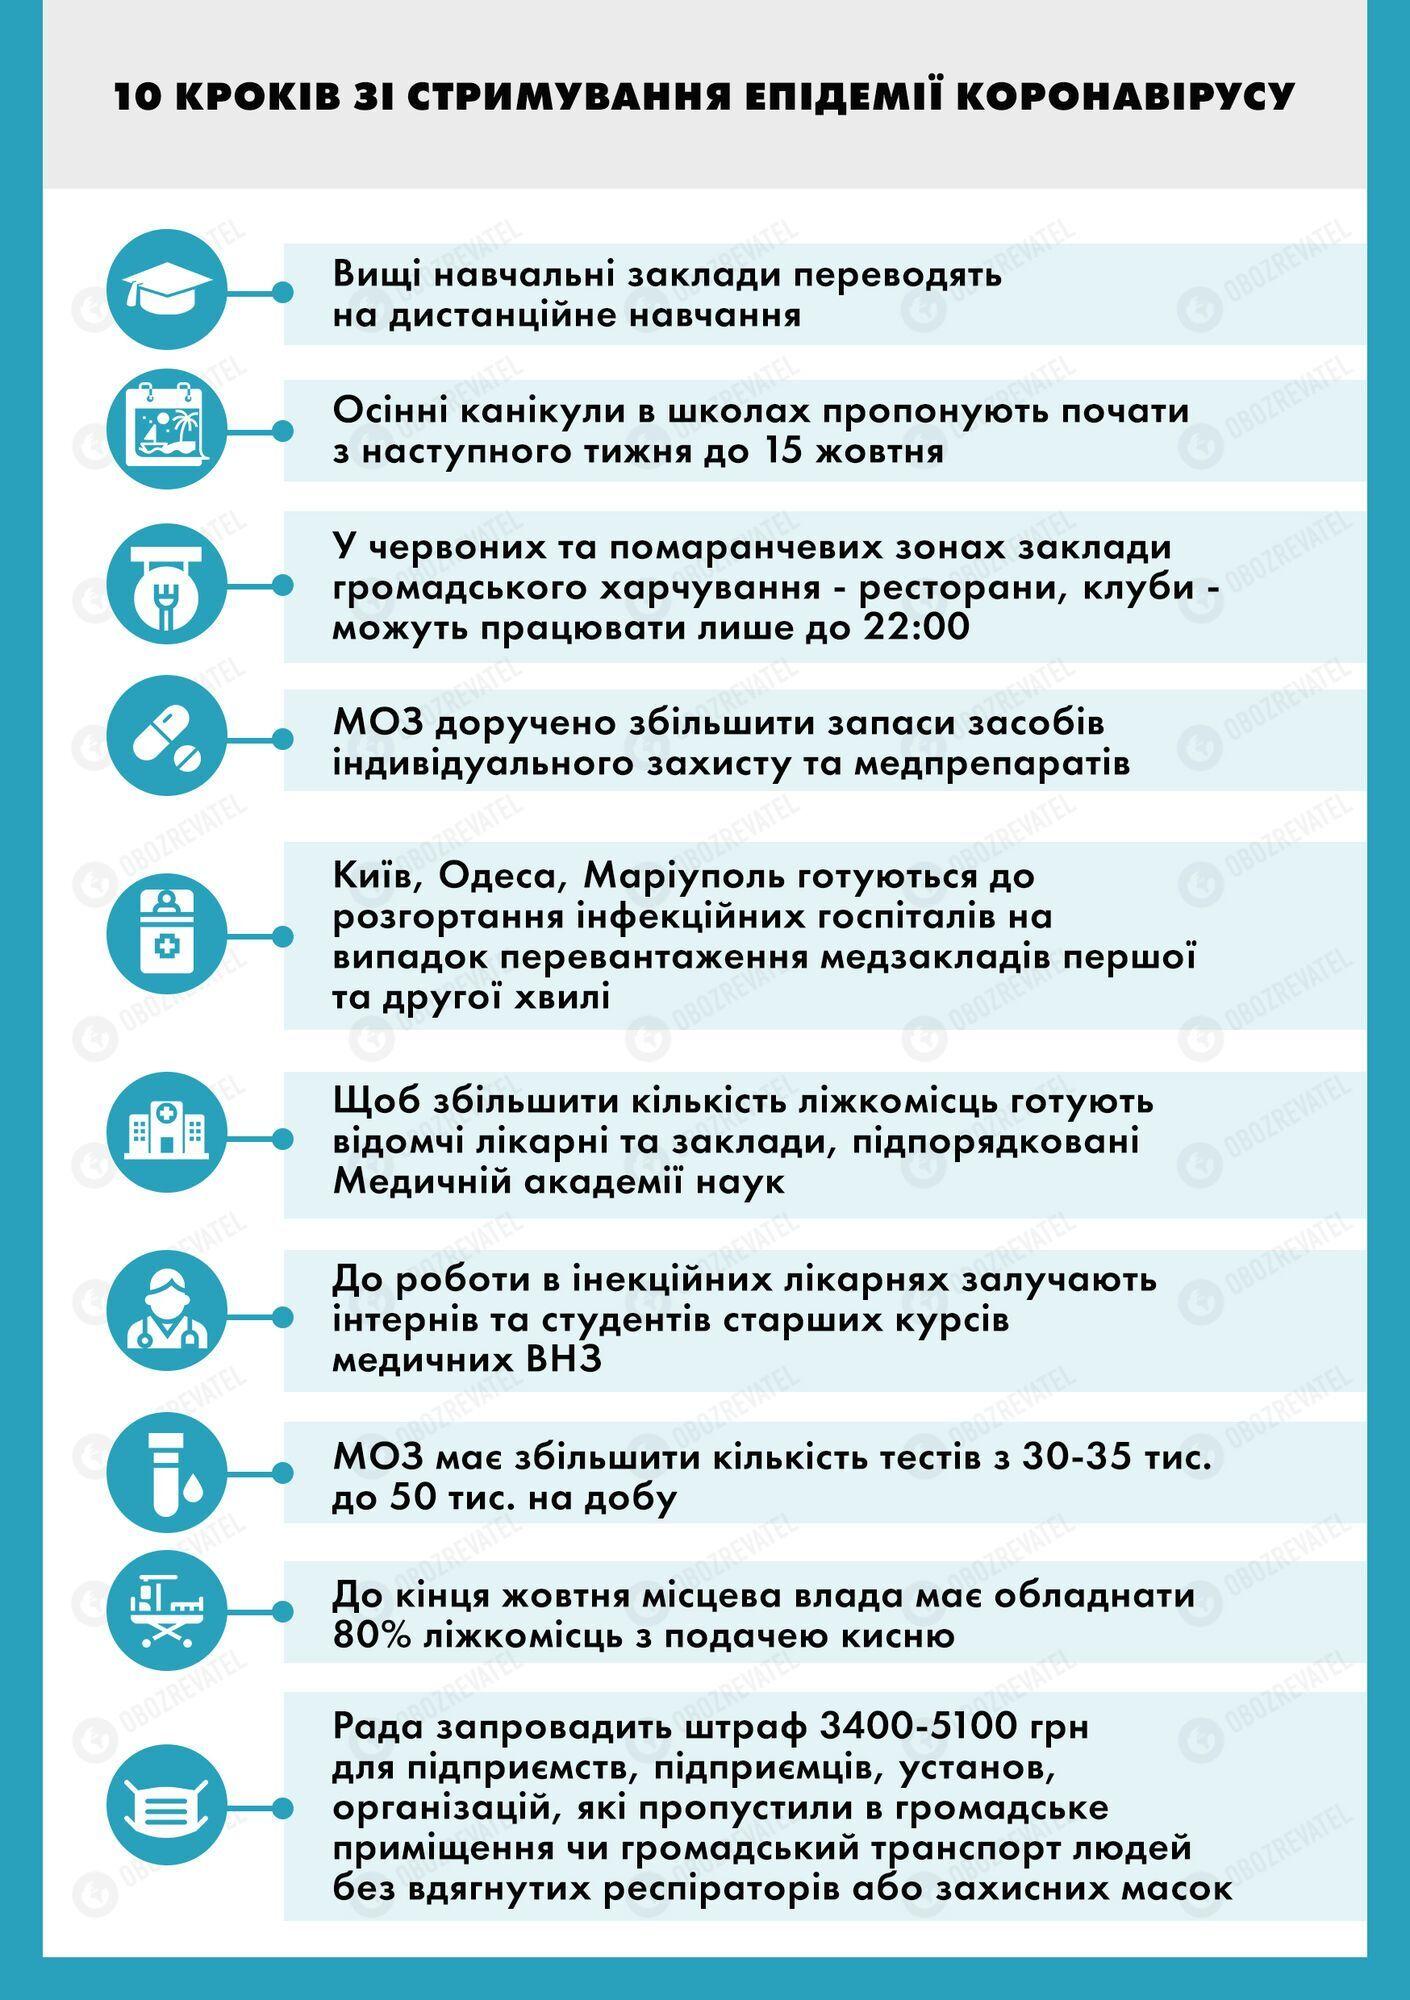 Карантин в Украине ужесточат: что решили на совещании у Зеленского